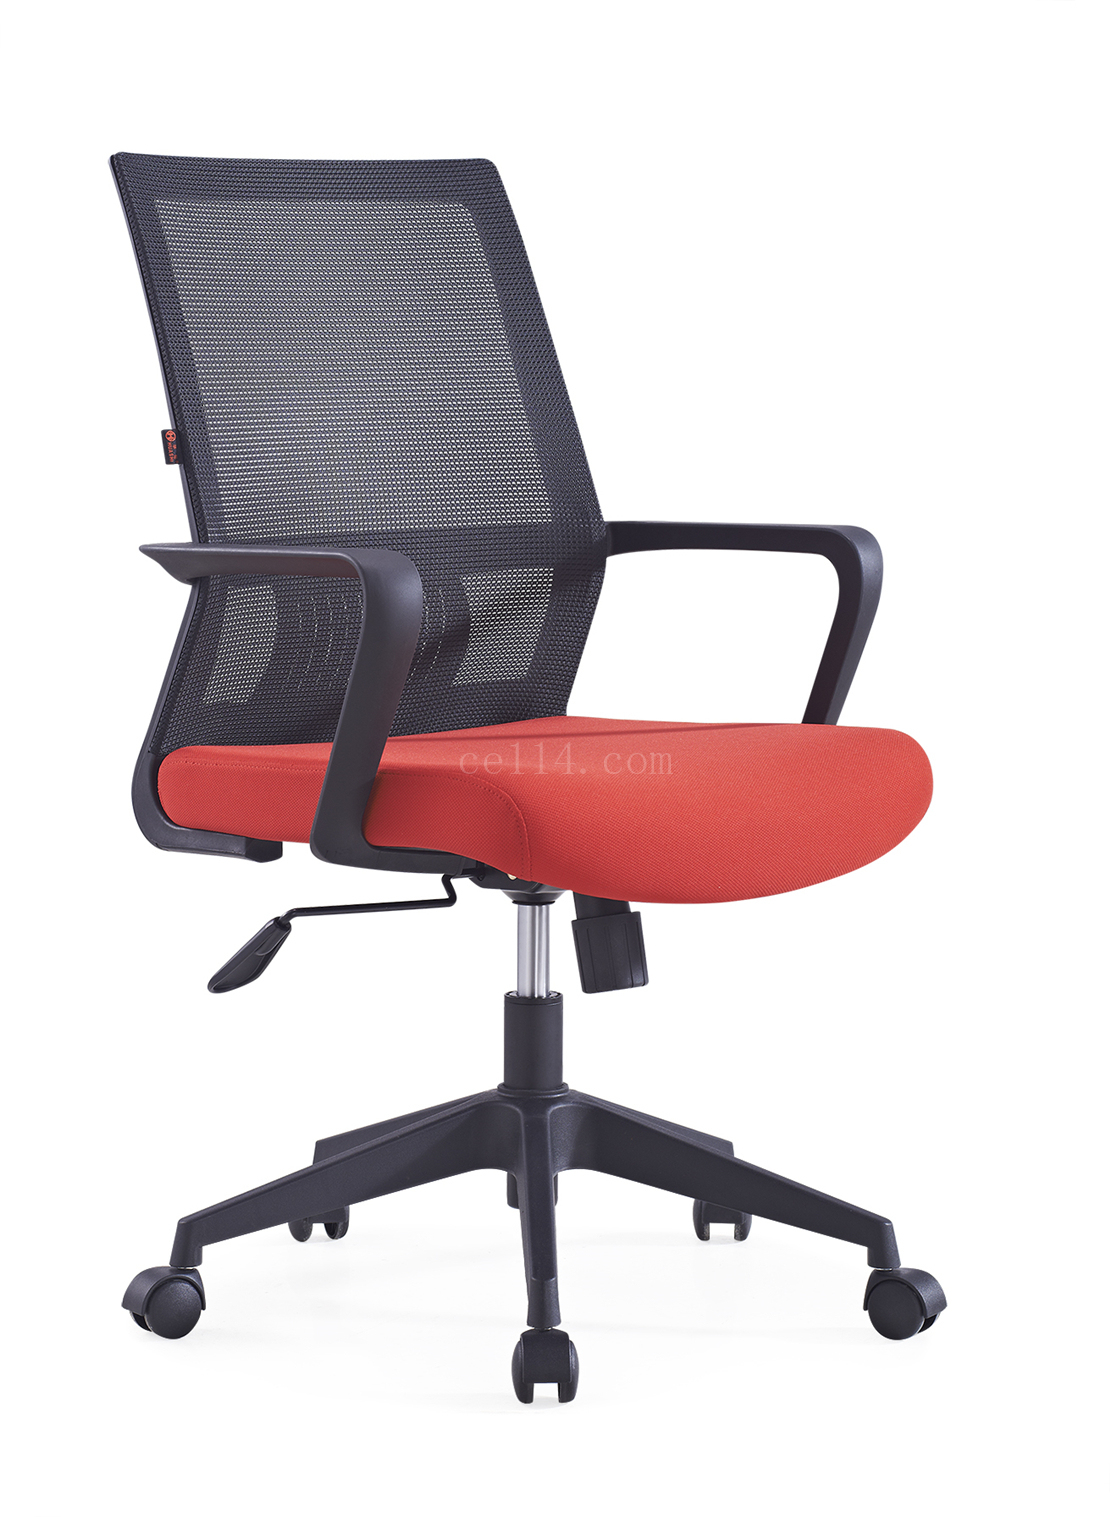 厦门办公网椅